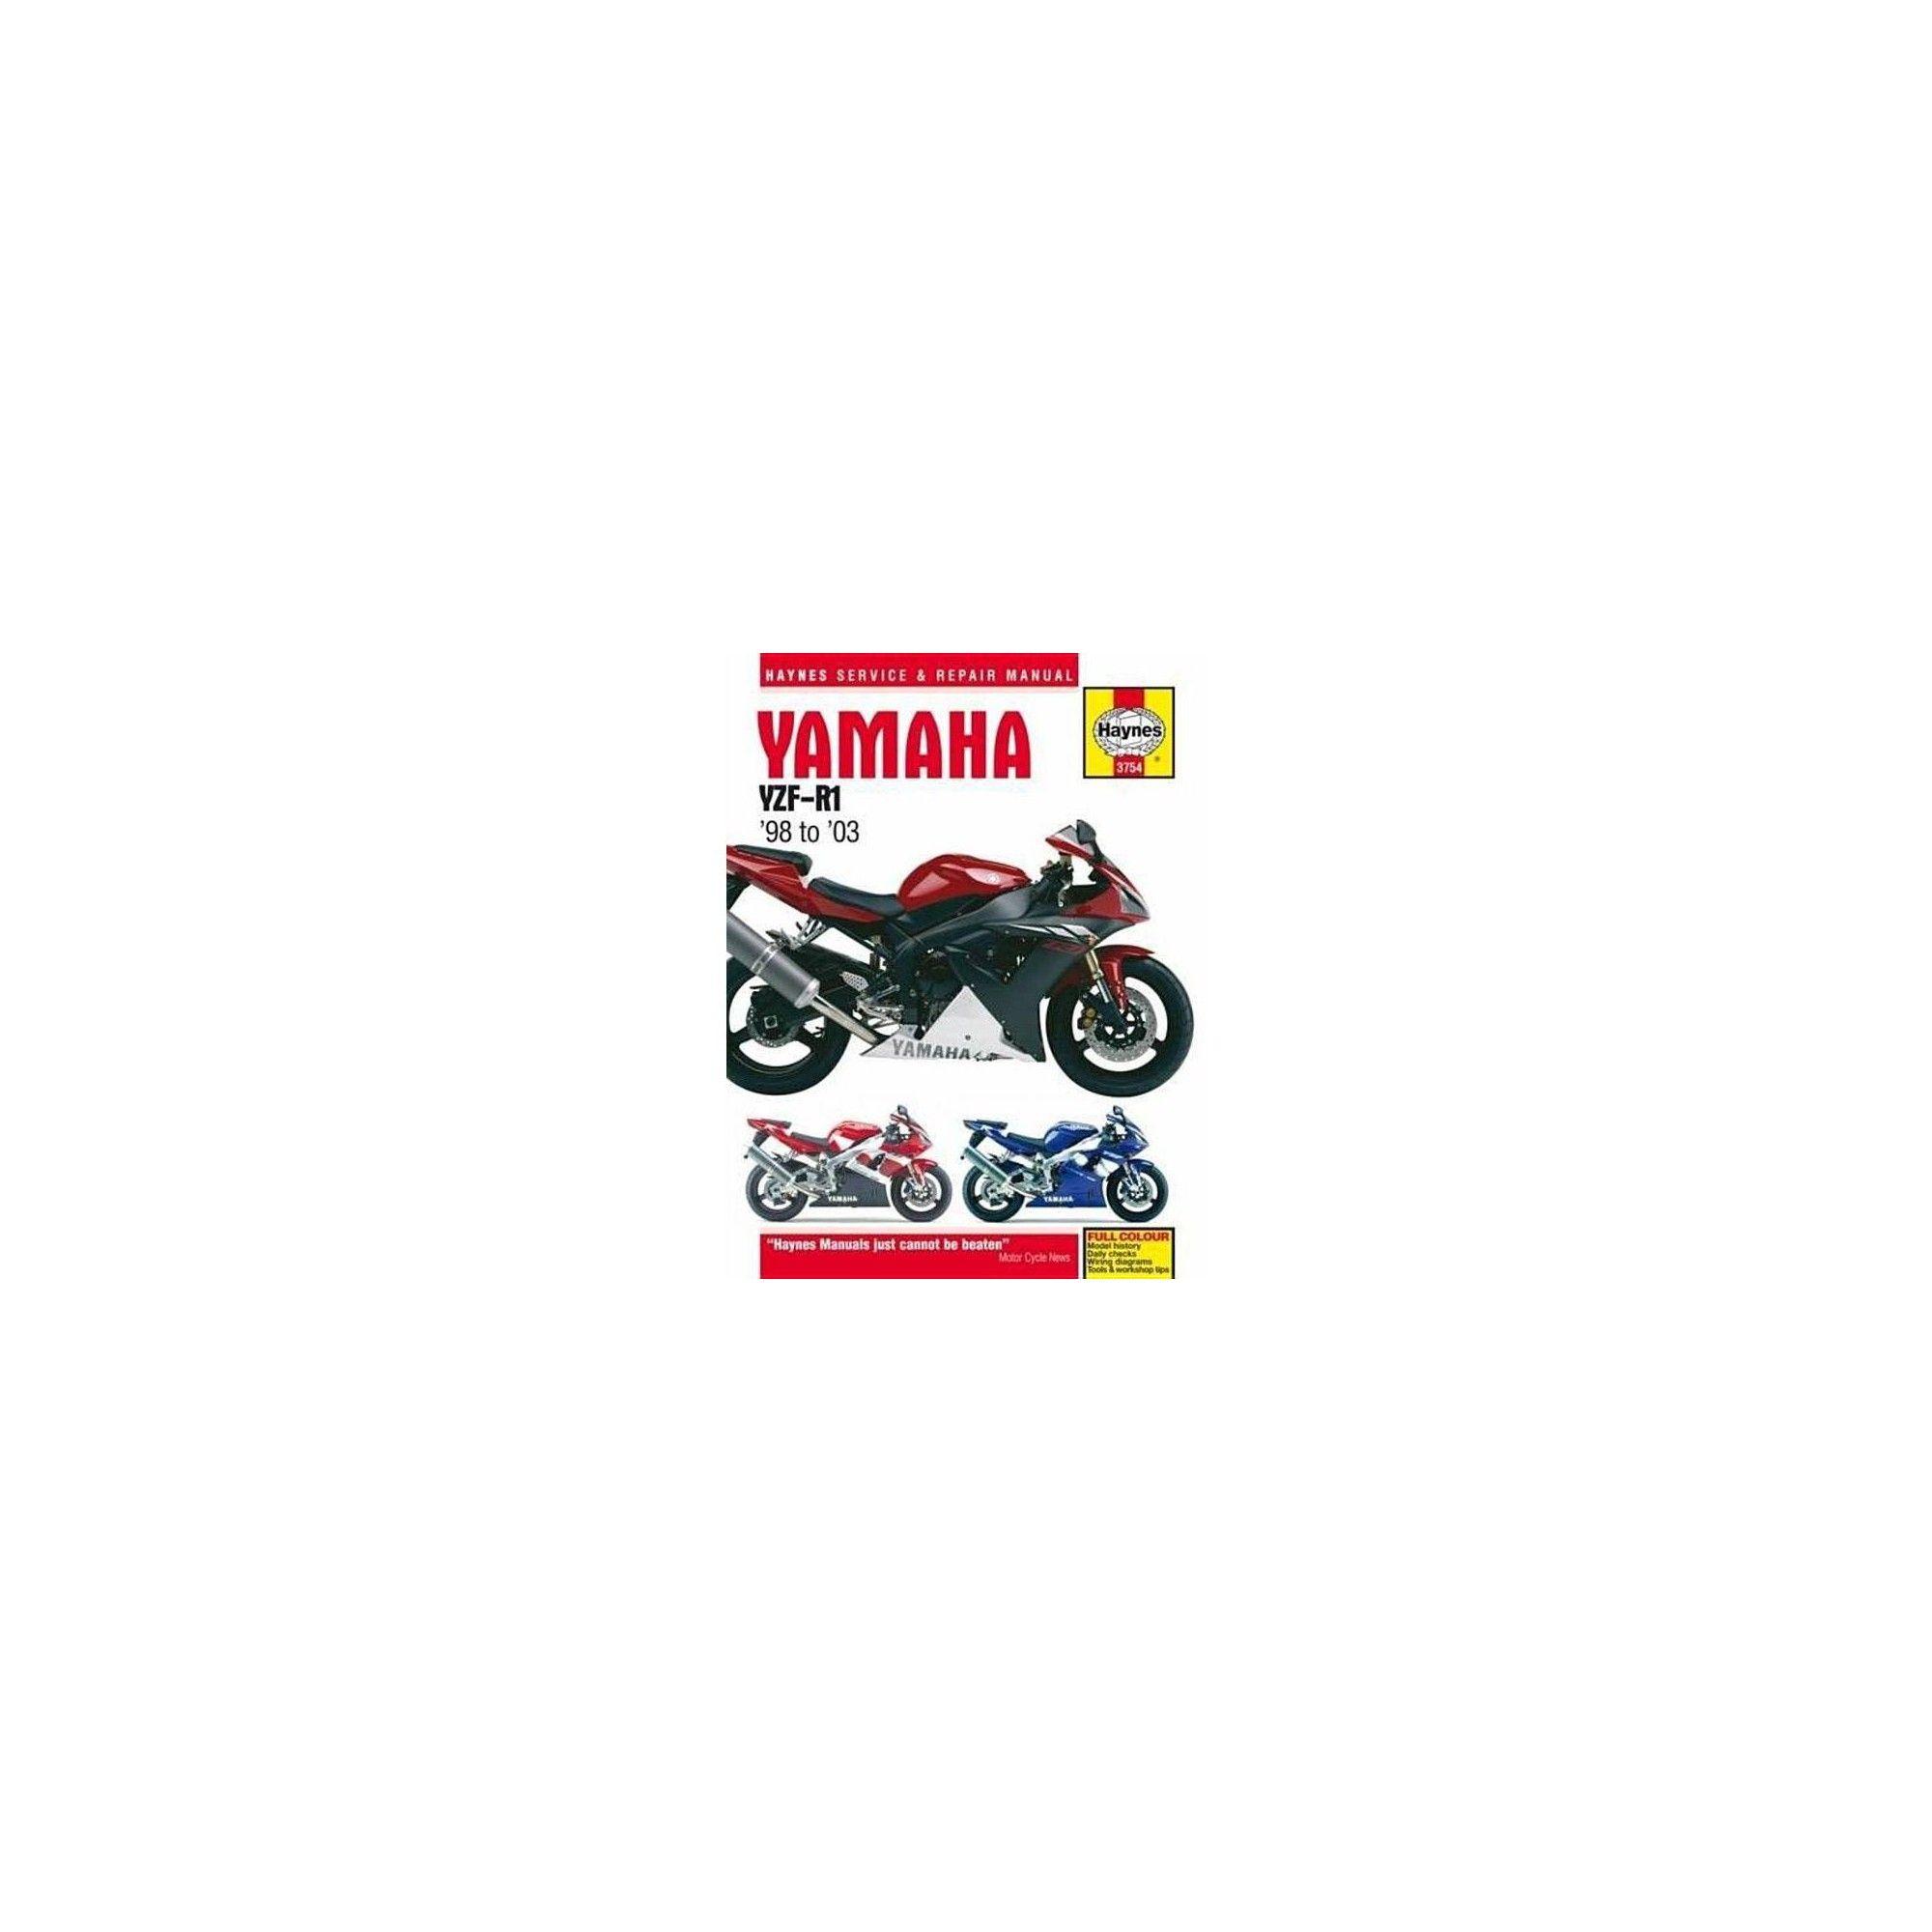 MANUAL YAMAHA YZF-R1 98-03